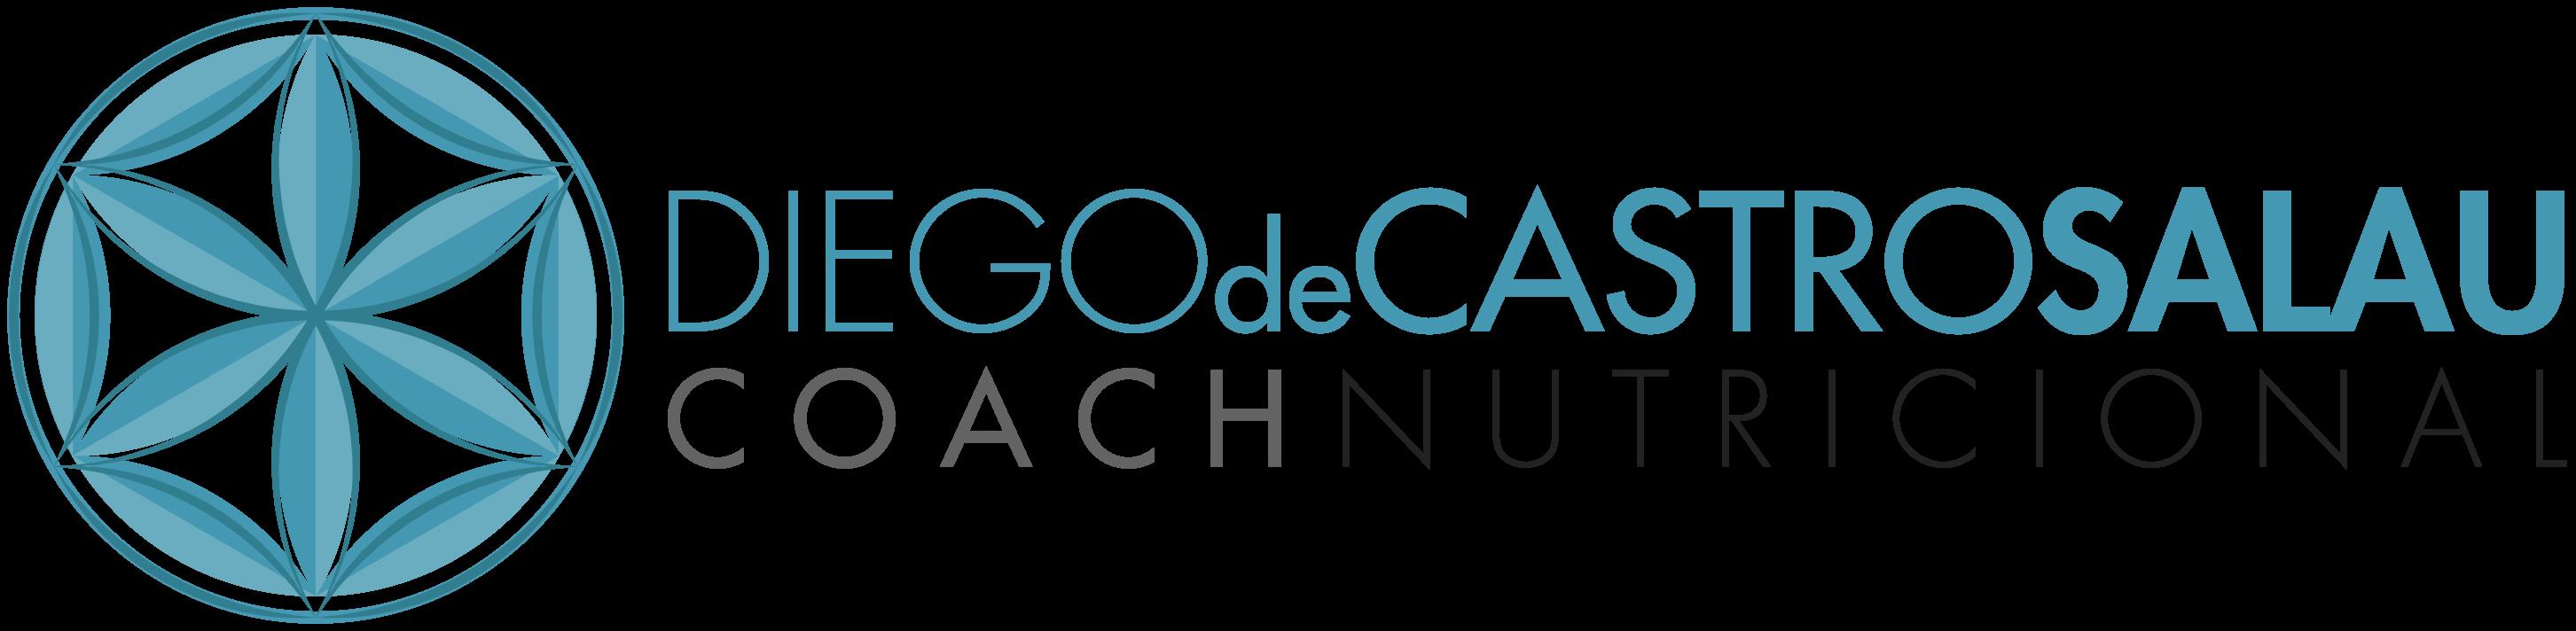 Diego De Castro Salau Coaching Nutricional